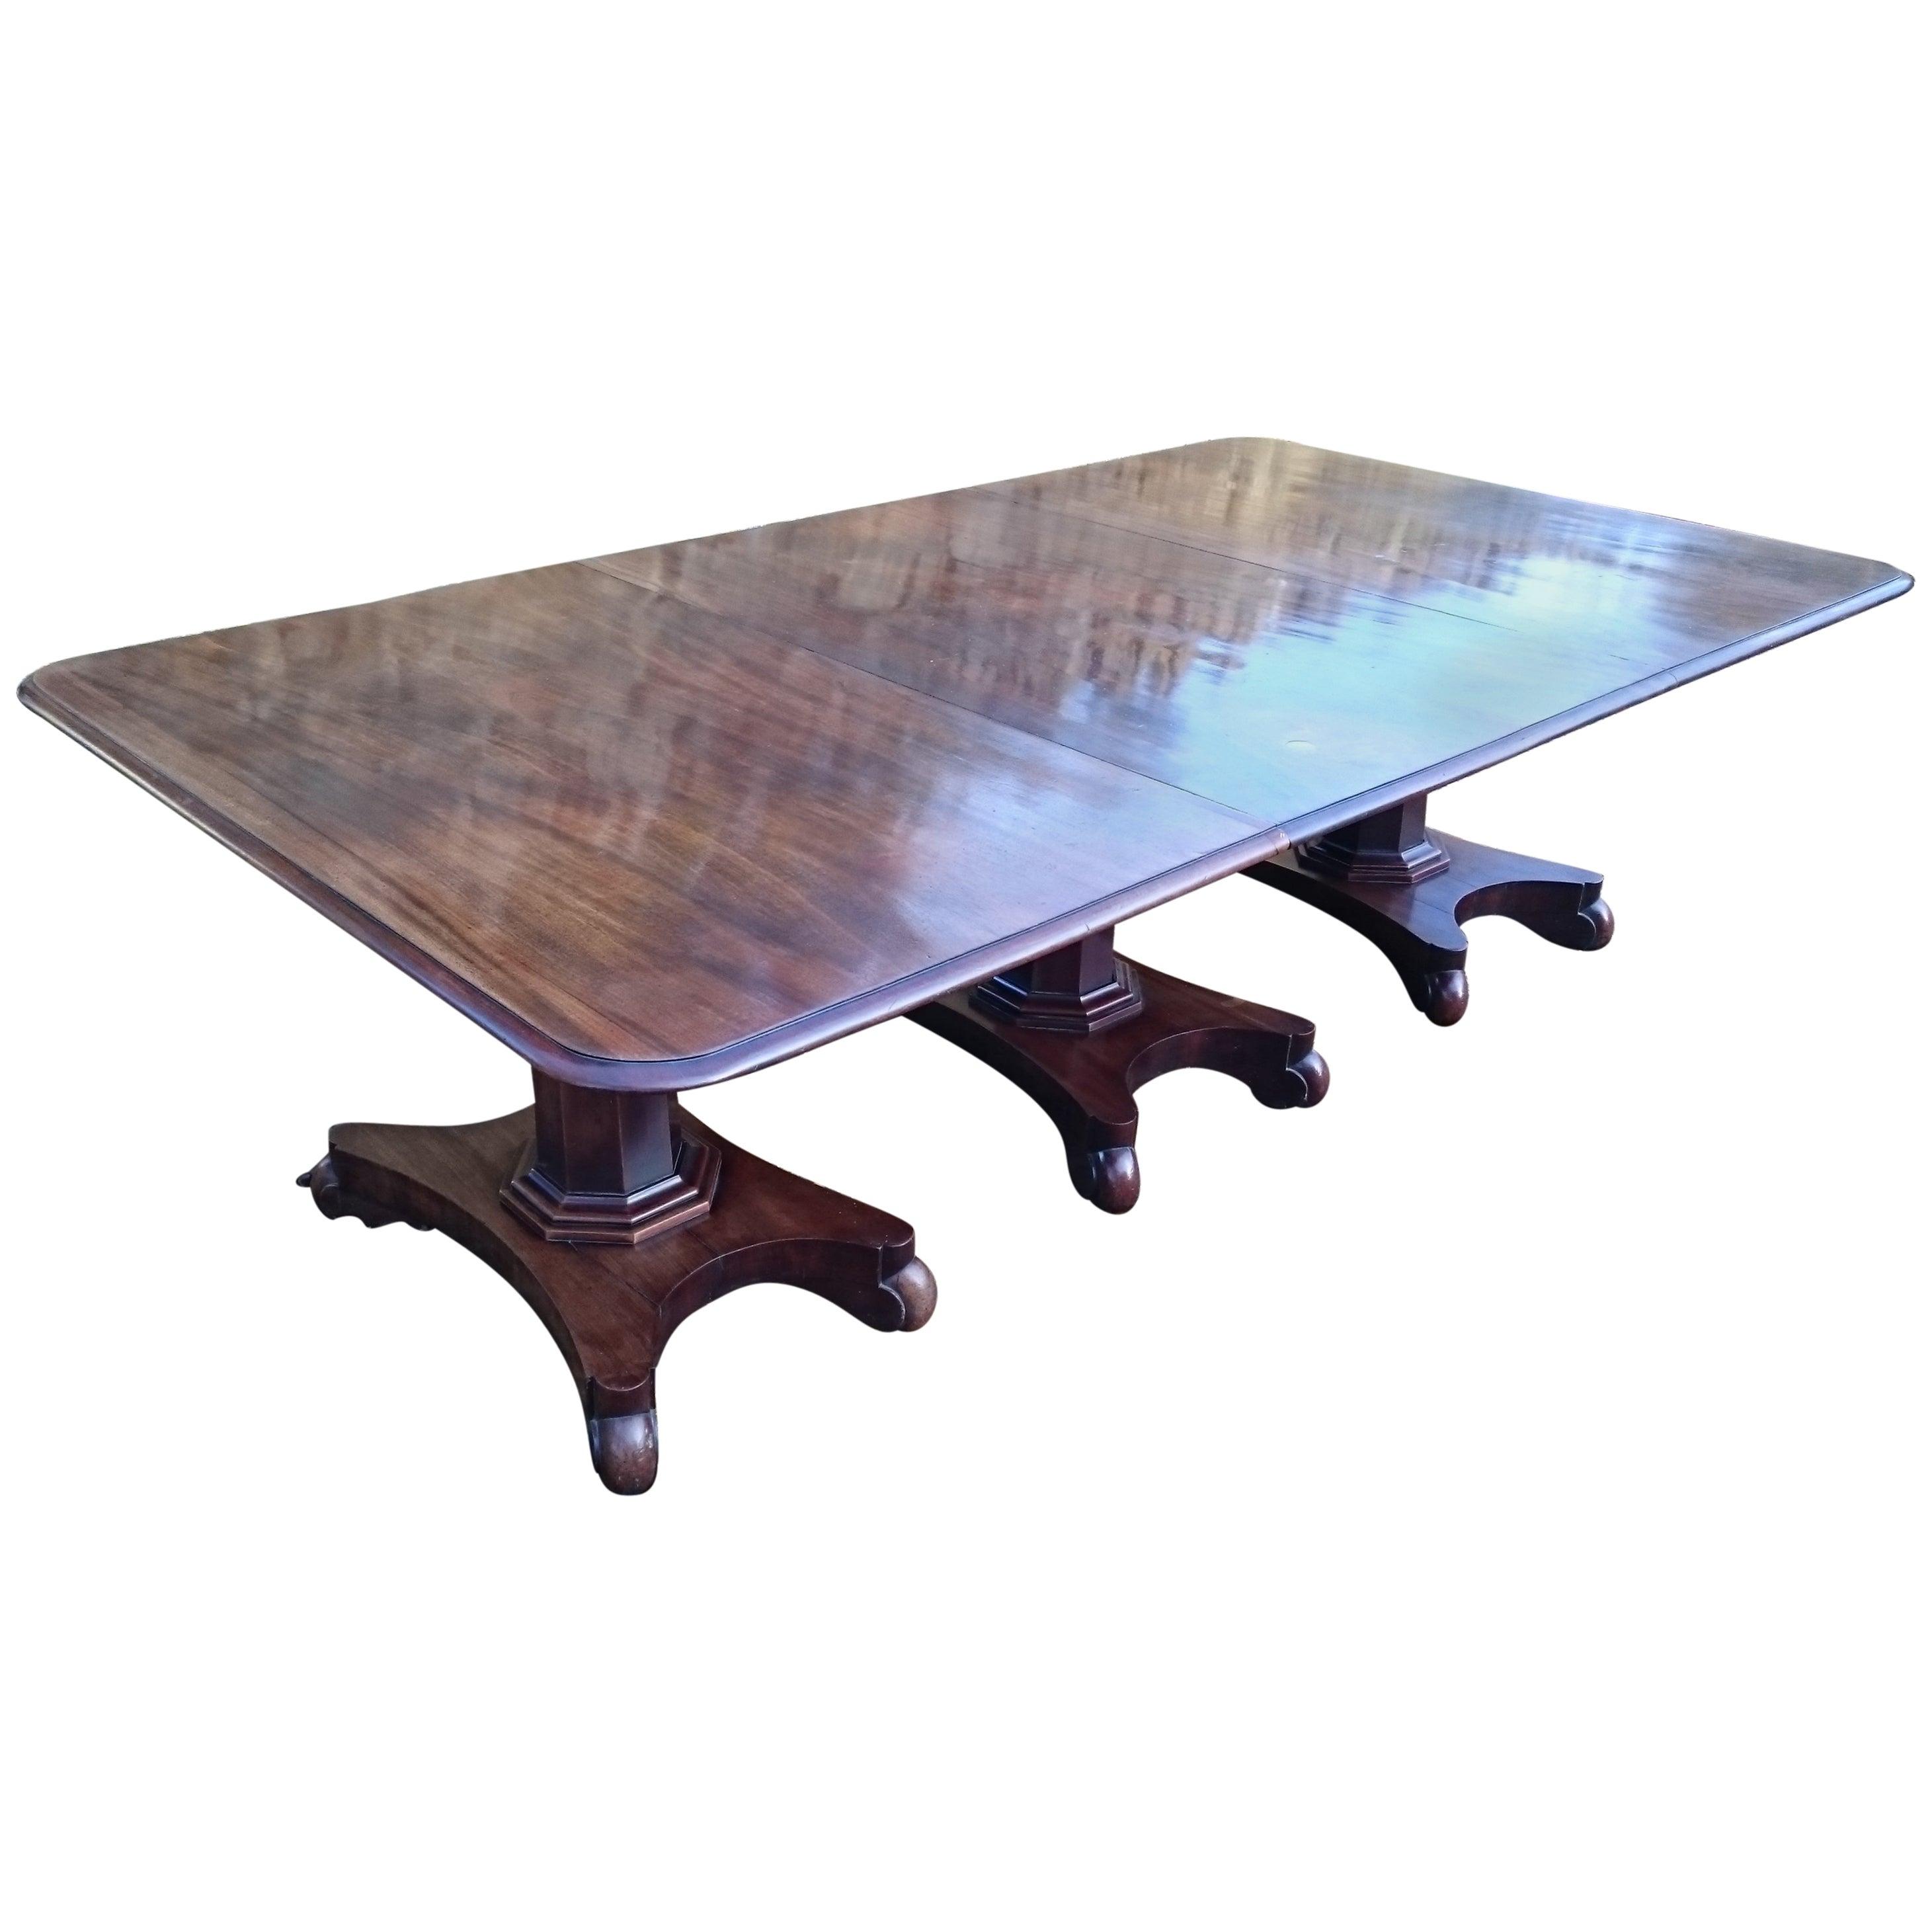 19th Century William IV Period Mahogany Antique Three Pedestal Dining Table